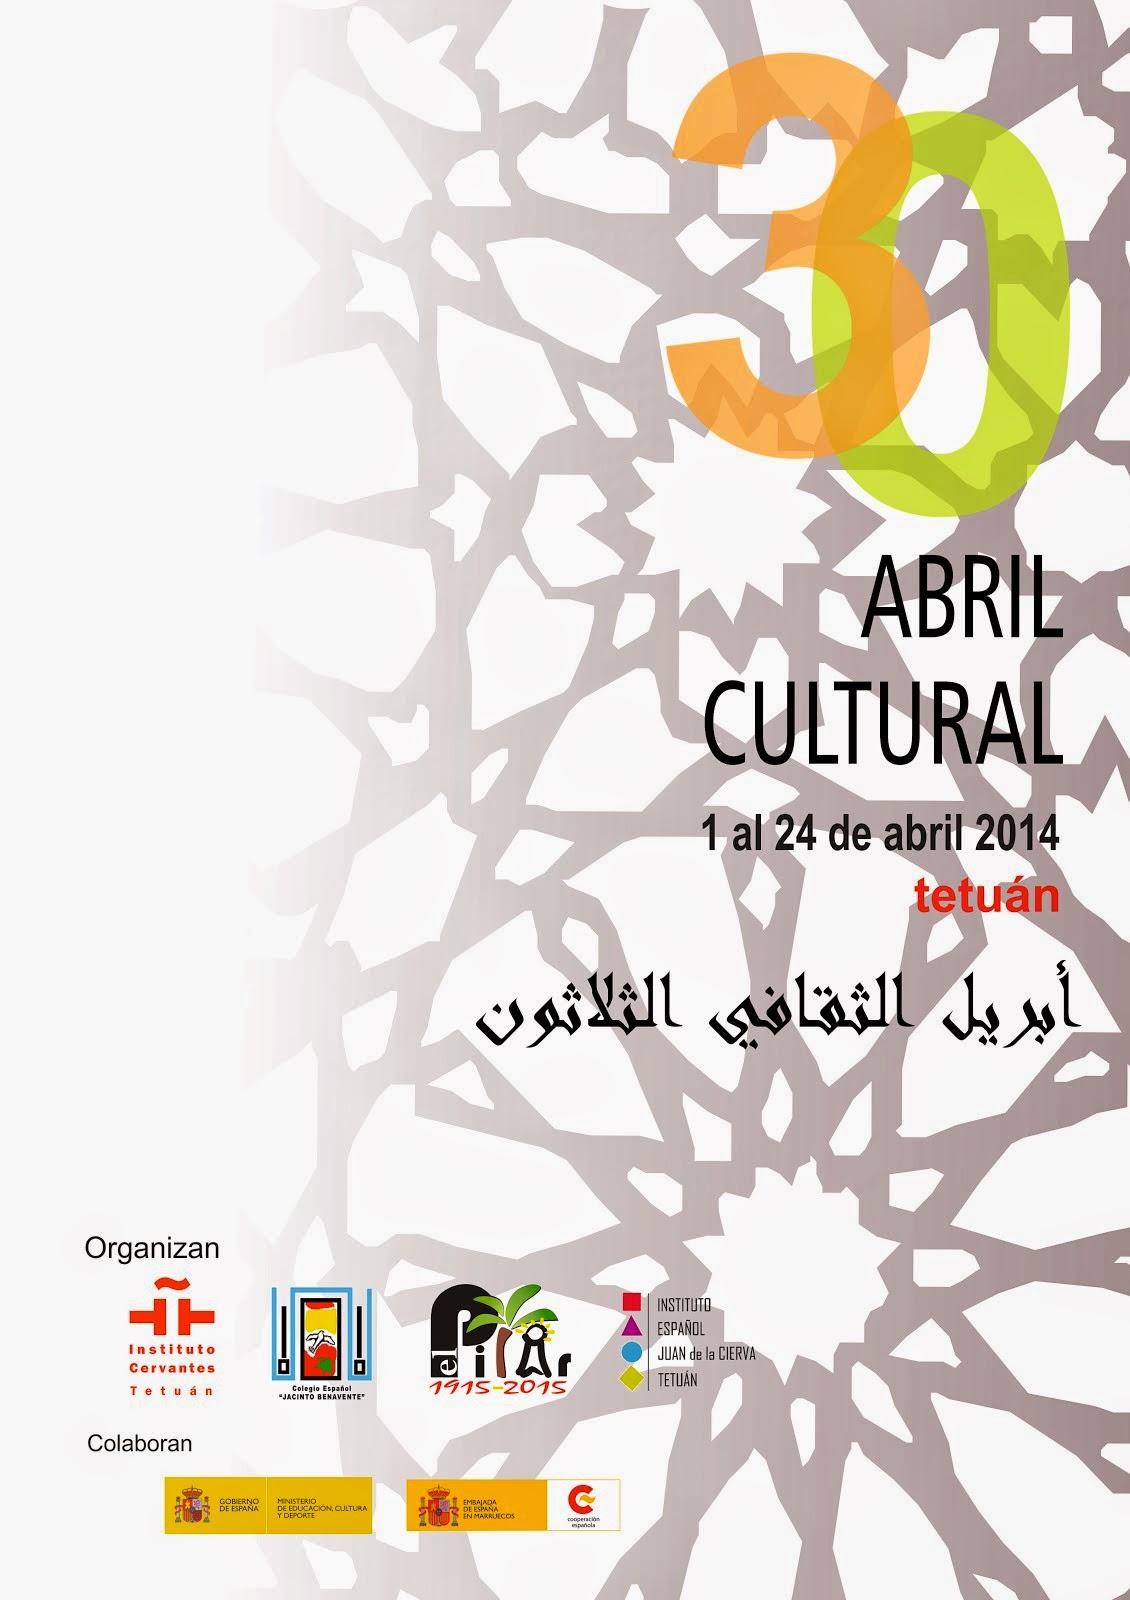 XXX Abril Cultural